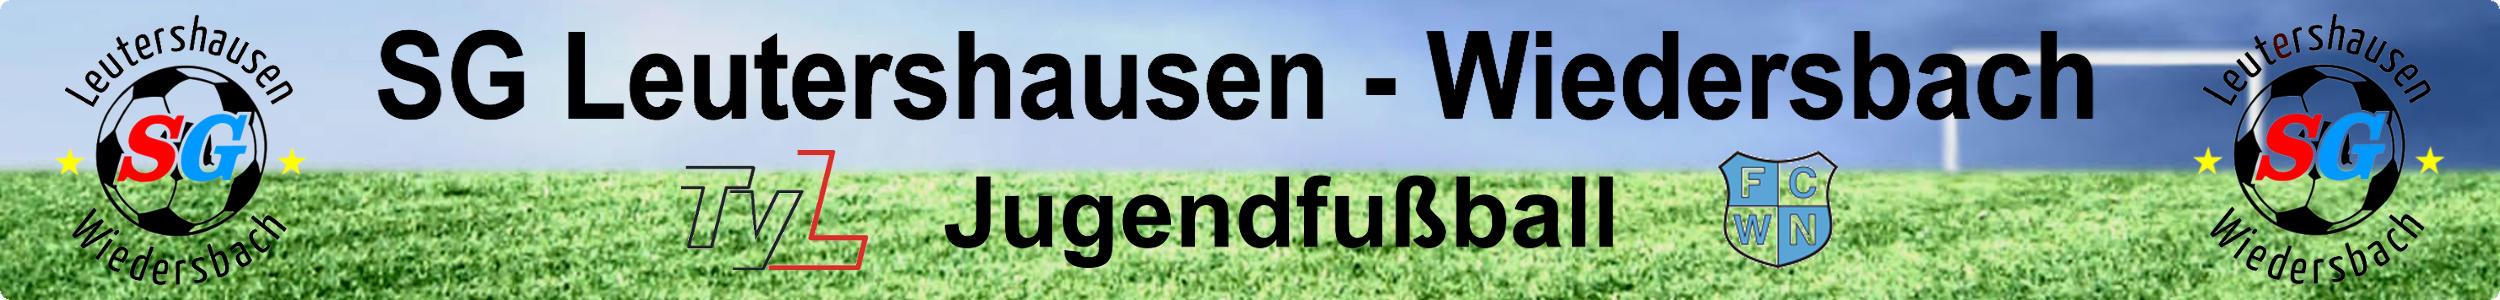 SG Leutershausen-Wiedersbach